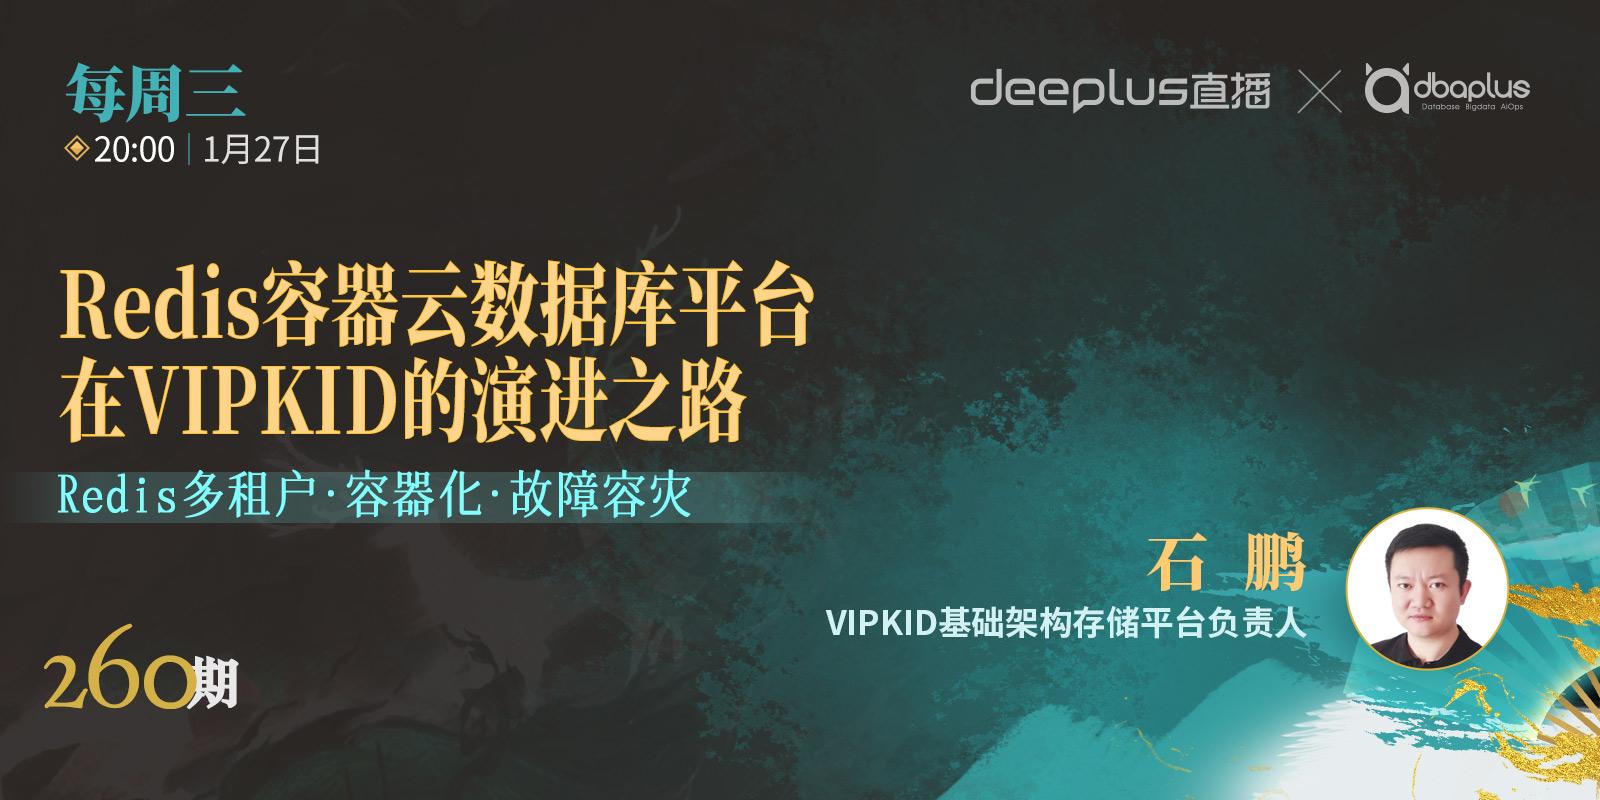 【dbaplus社群线上分享260期】Redis容器云数据库平台在VIPKID的演进之路